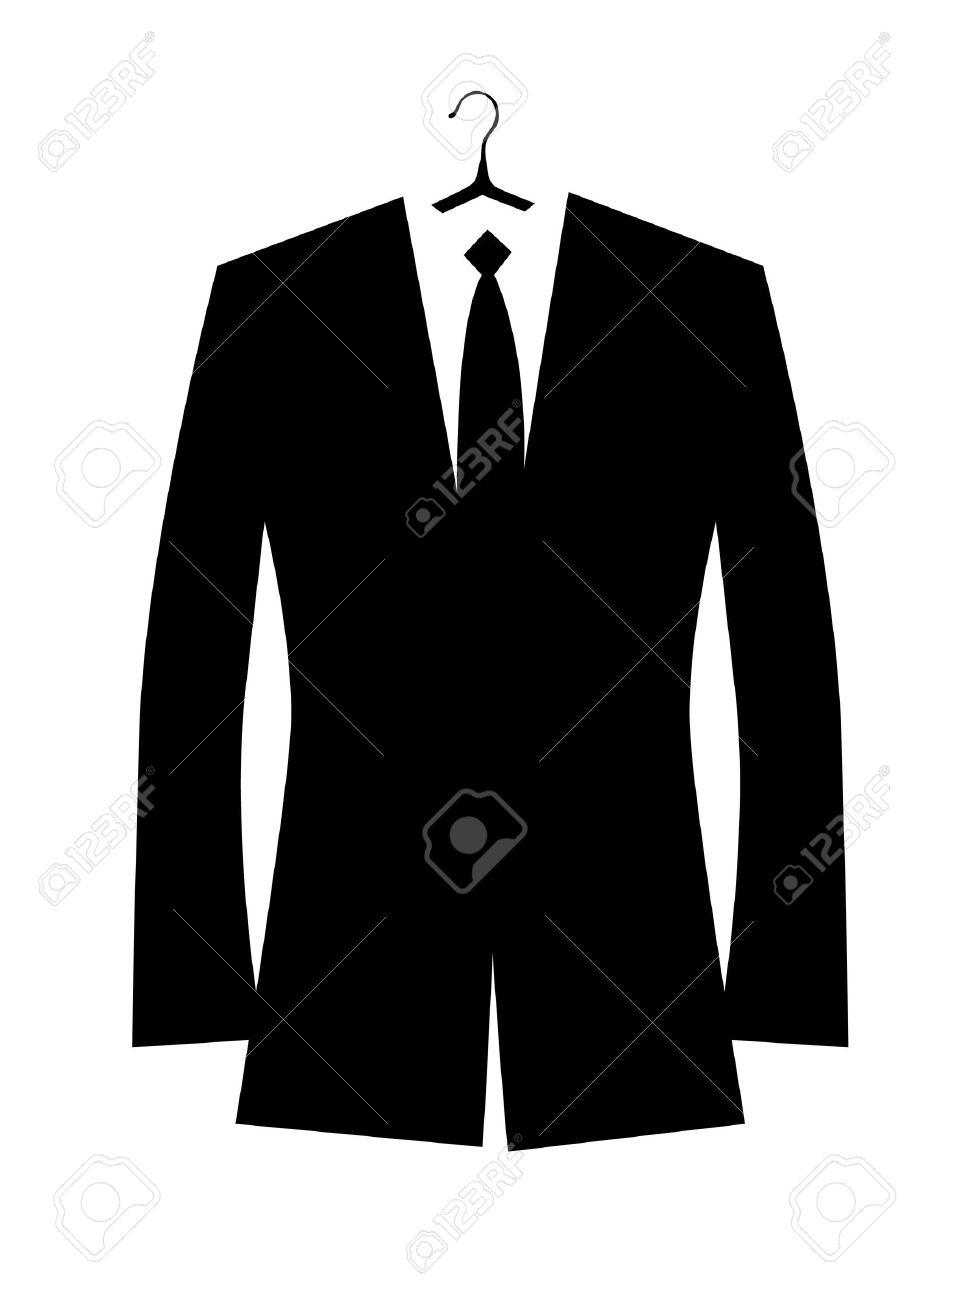 975x1300 Suit Clipart Formal Wear